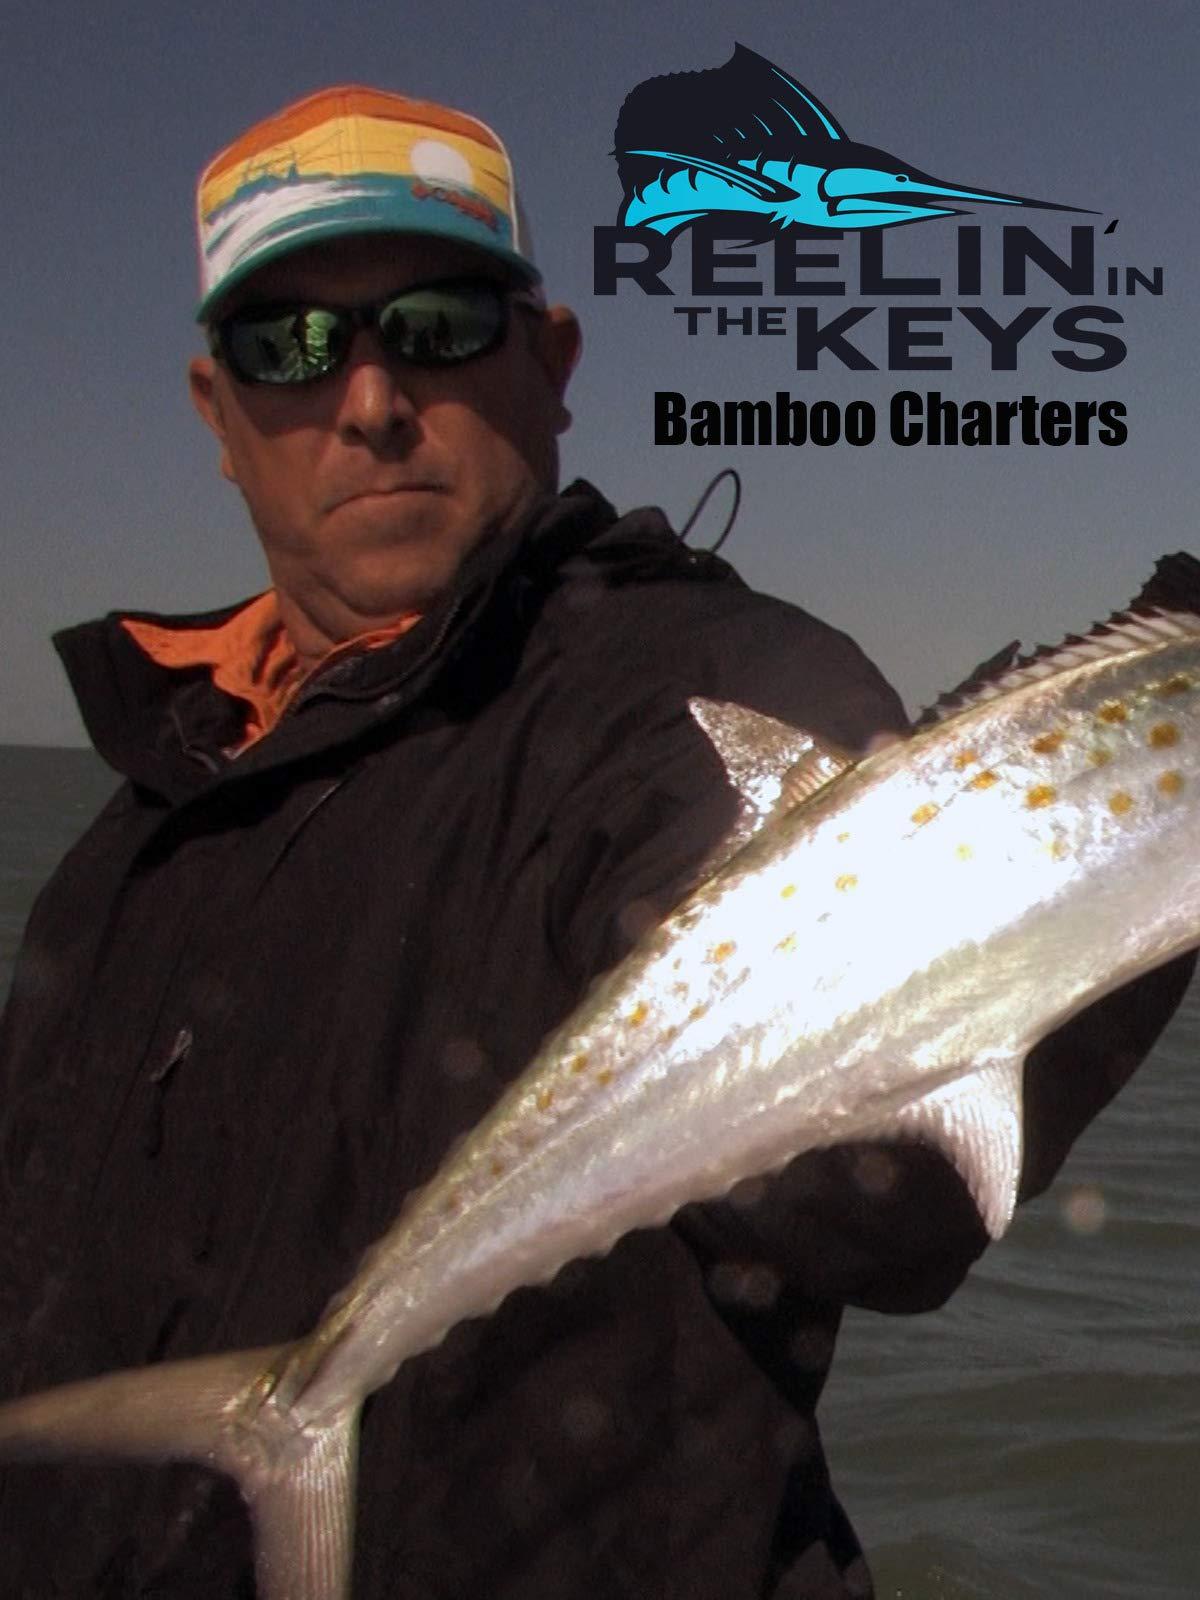 Reelin' In The Keys - Bamboo Charters